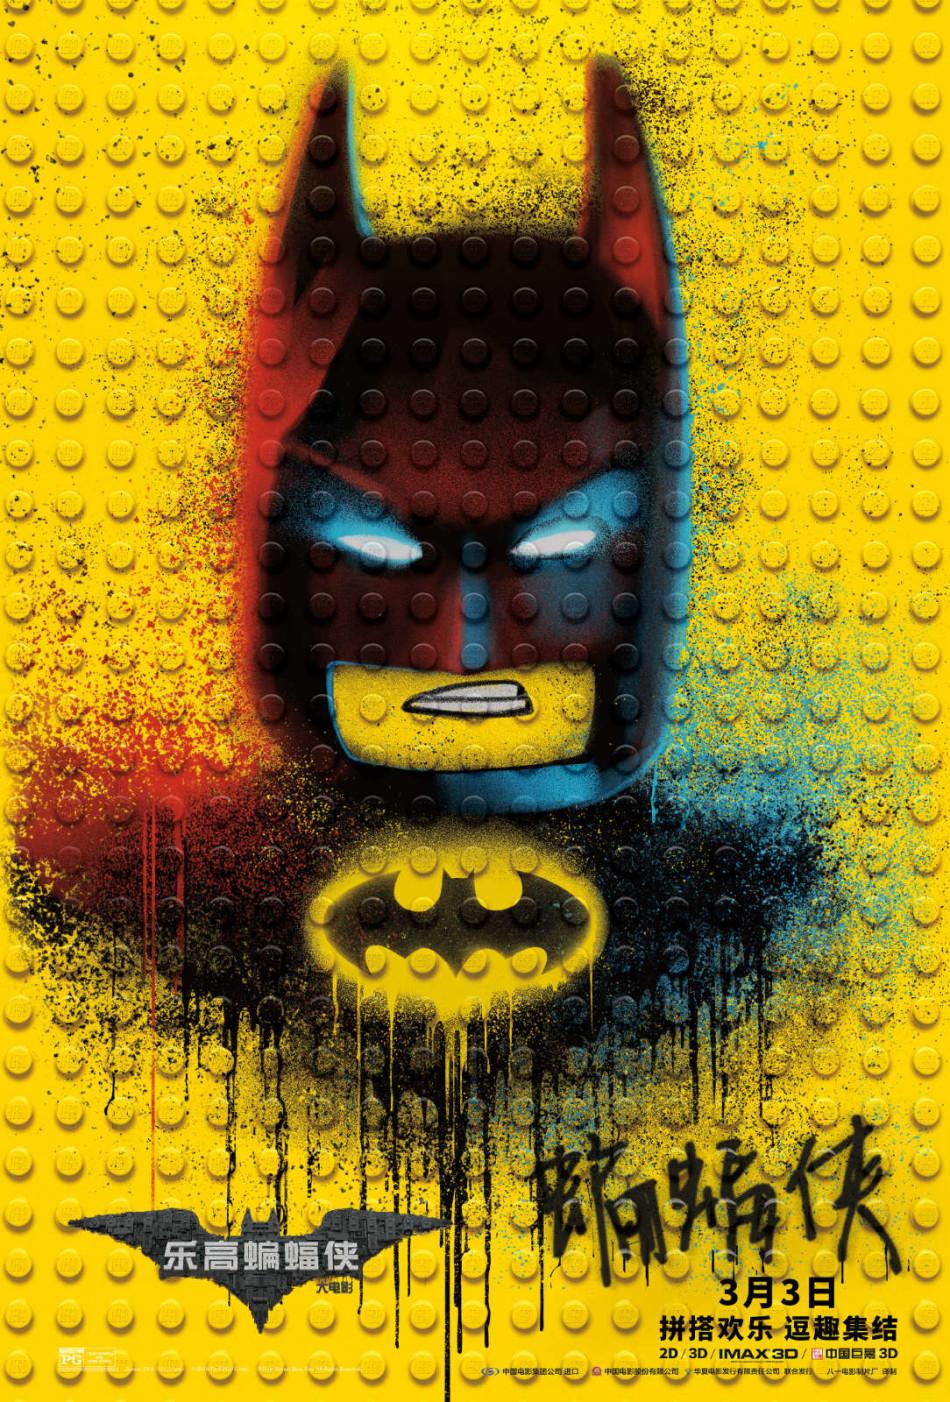 新浪娱乐讯 《乐高蝙蝠侠大电影》涂鸦版海报.